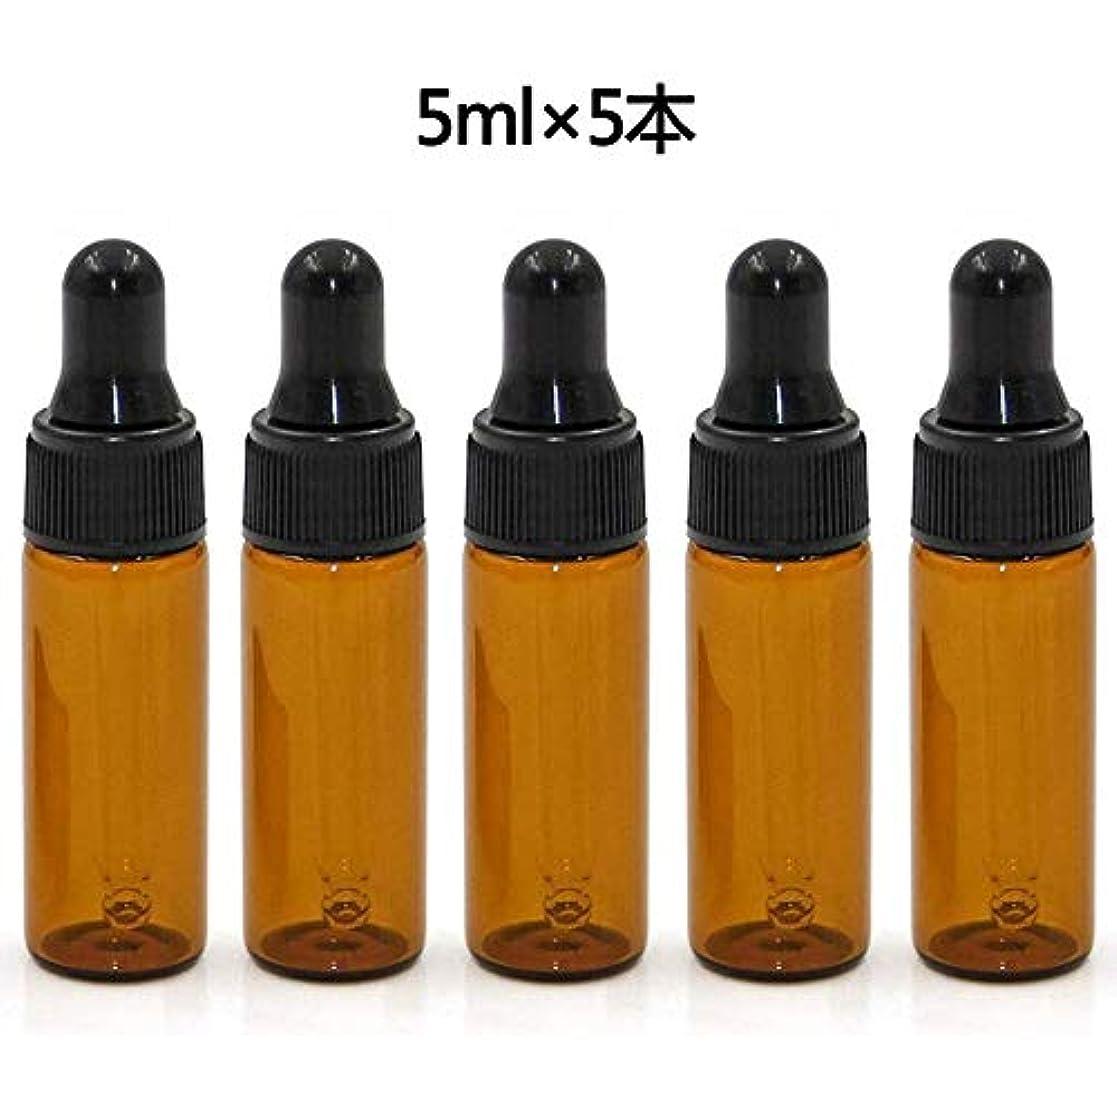 小石染料サーバ遮光瓶 スポイト遮光瓶 アロマボトル 5ml?5本セット 保存容器 精油 香水 保存用 詰替え ガラス製 スポイト付き 茶色